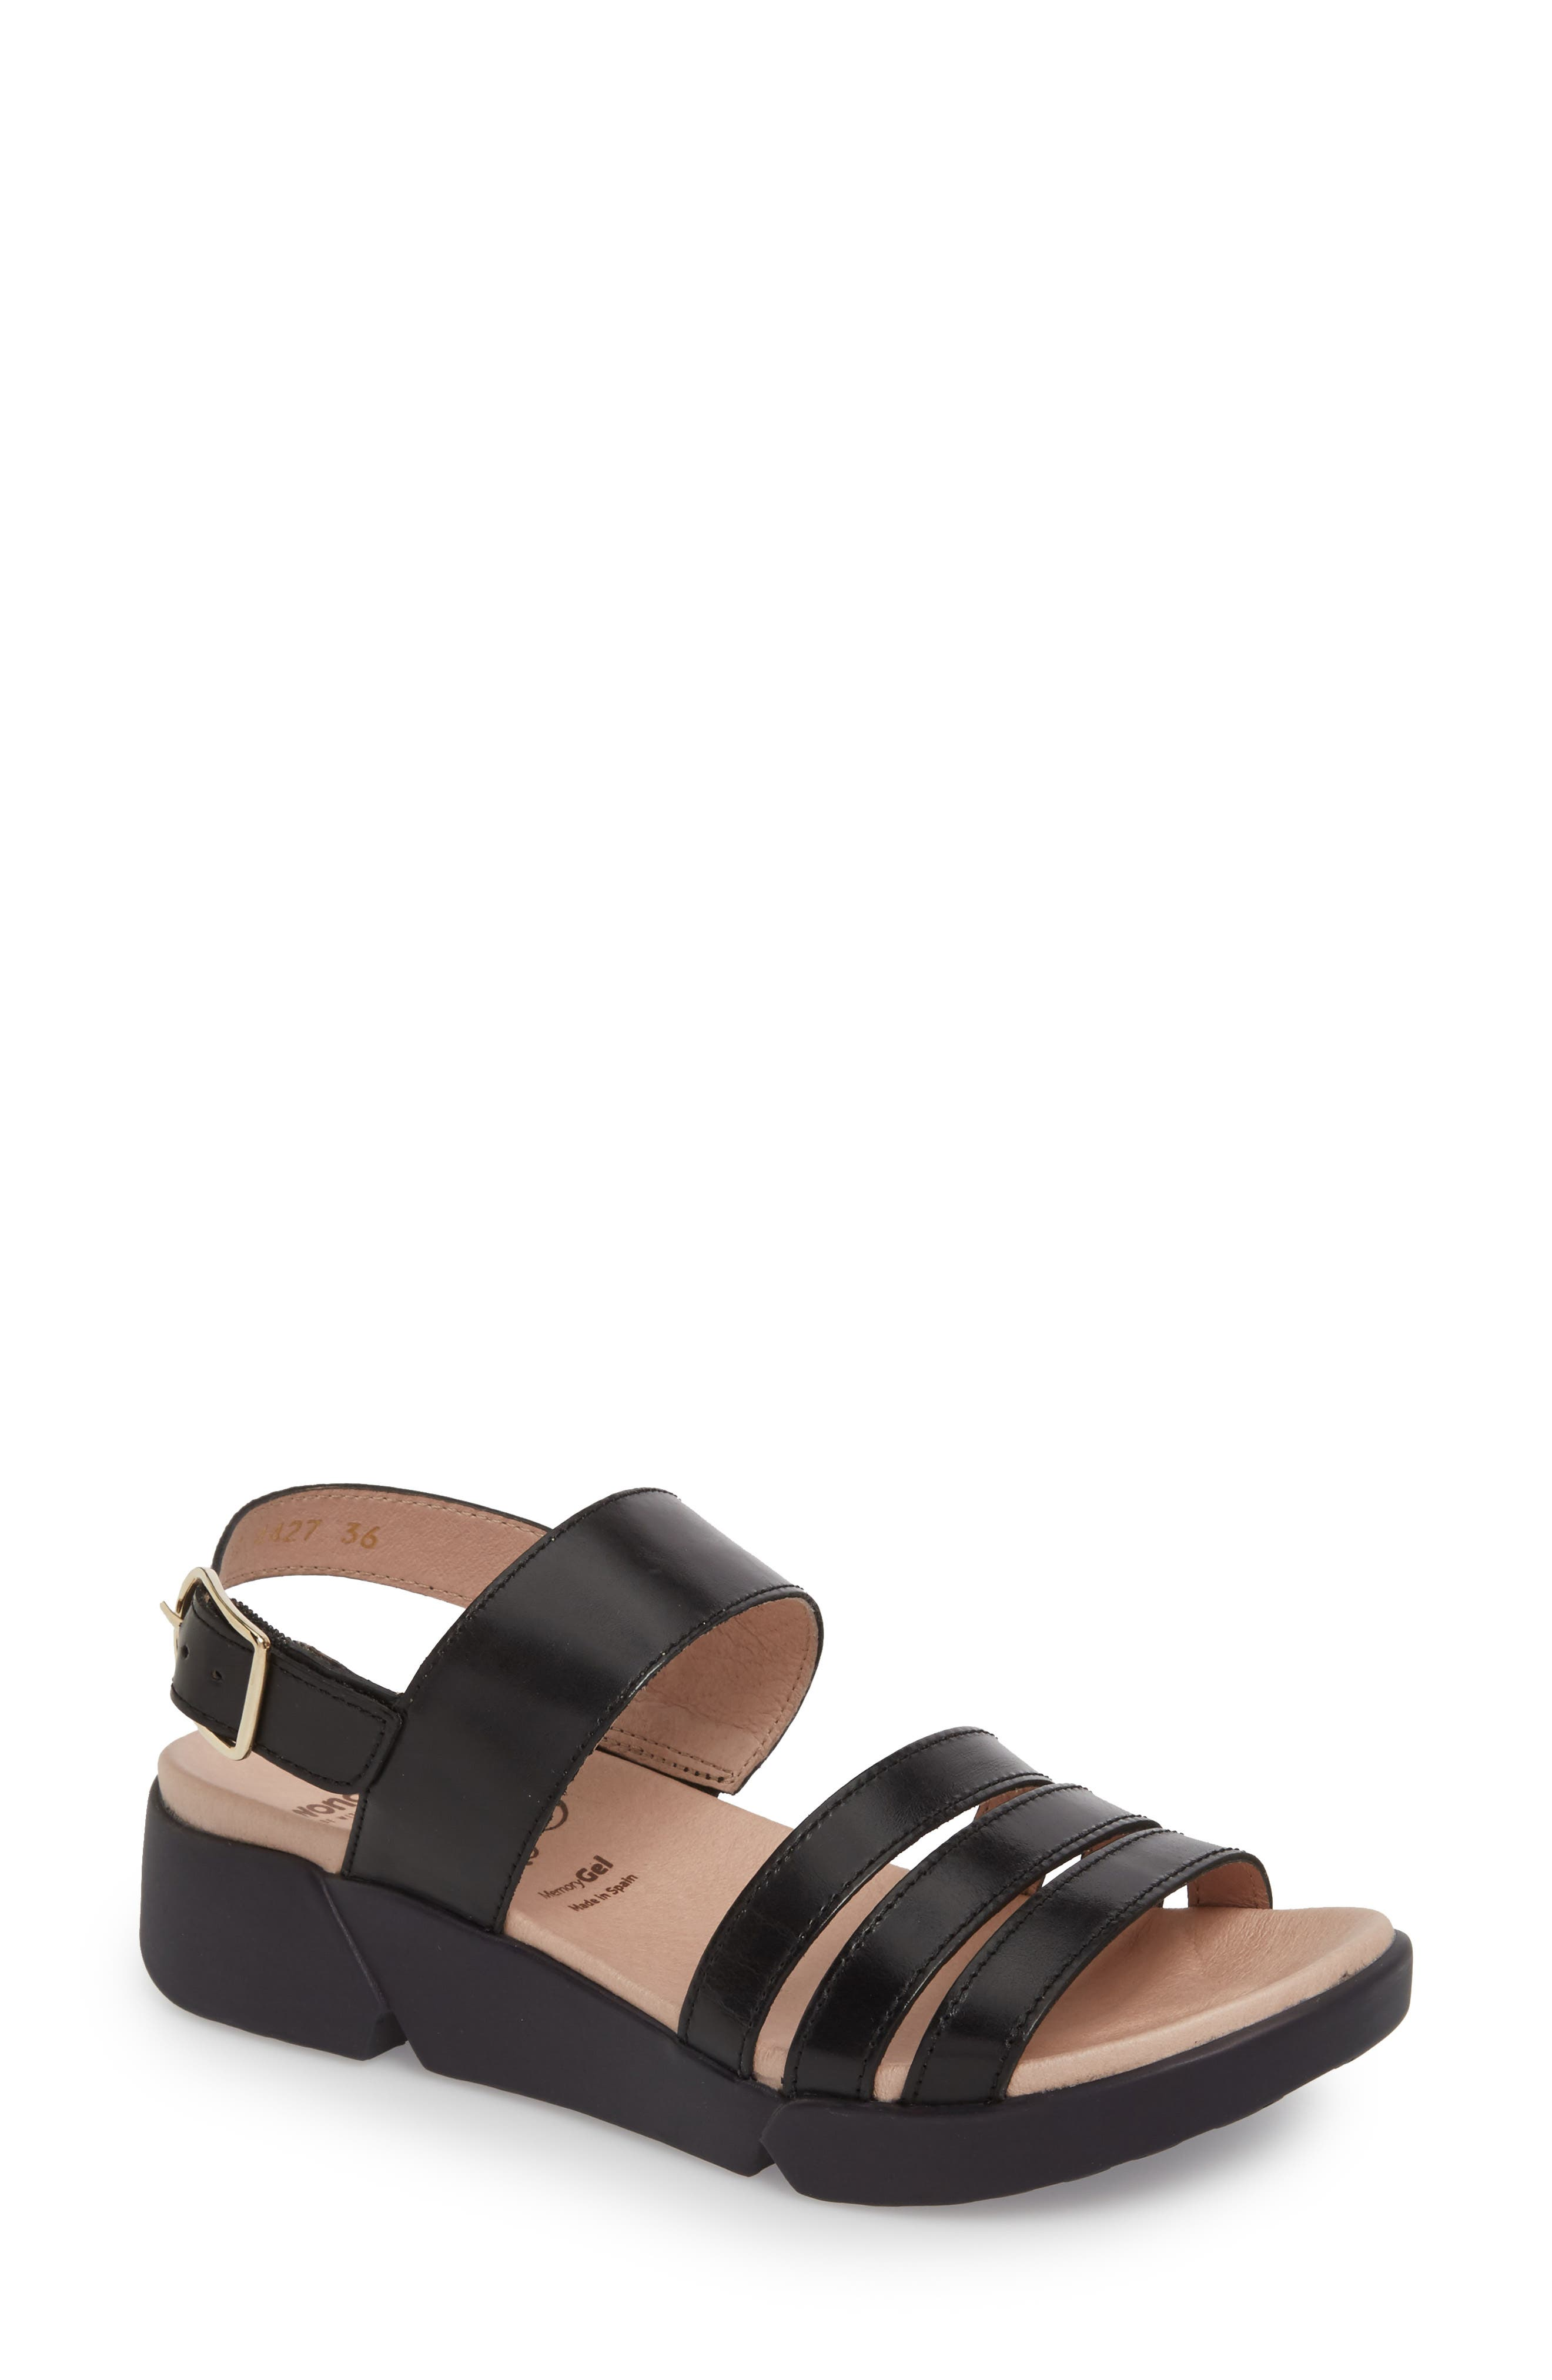 A-8004 Sandal,                         Main,                         color, Black Leather